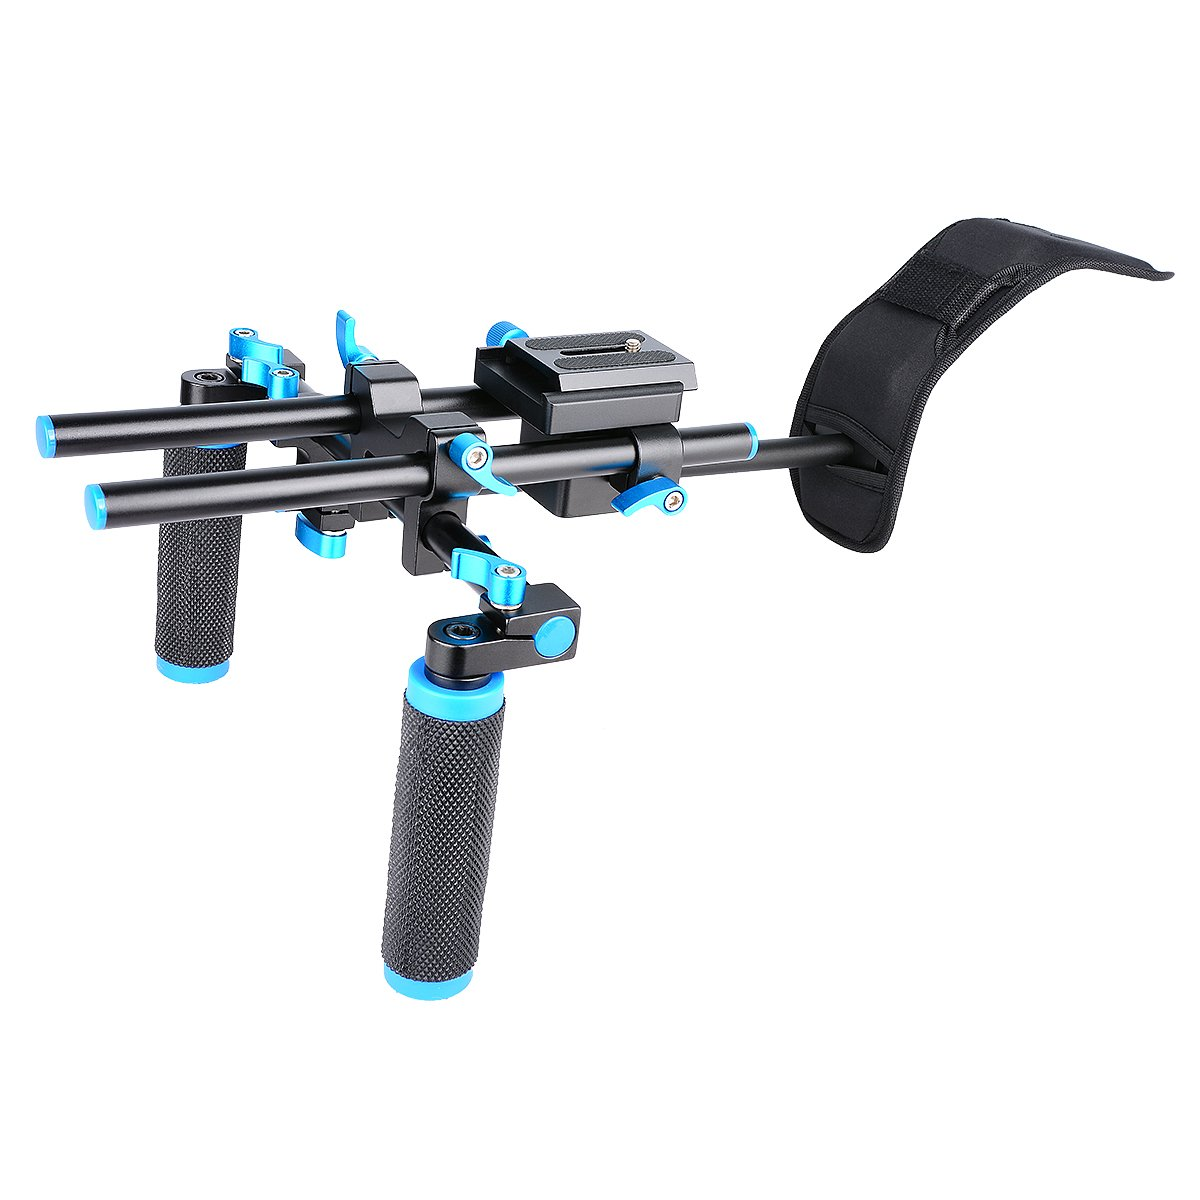 CZJUN DSLR Shoulder Mount Support Rig with Camera/Camcorder Mount Slider, Shoulder Lift Set, Double-hand Handgrip and C-shaped Holder Set For All Video Cameras and DV Camcorders